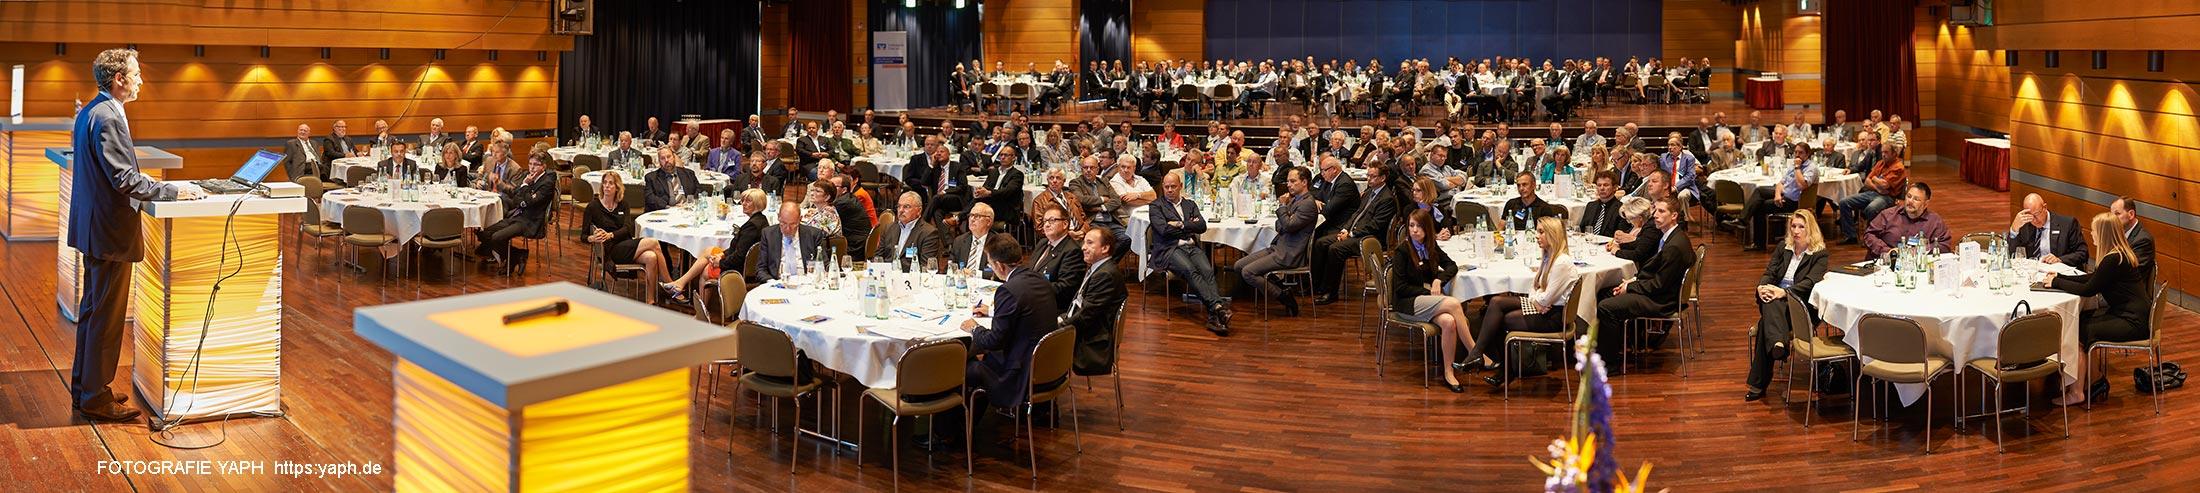 Fotograf für Veranstaltung, Events und Presse Yaph, Dokumentation: Vertriebsversammlung Volksbank Trier eg